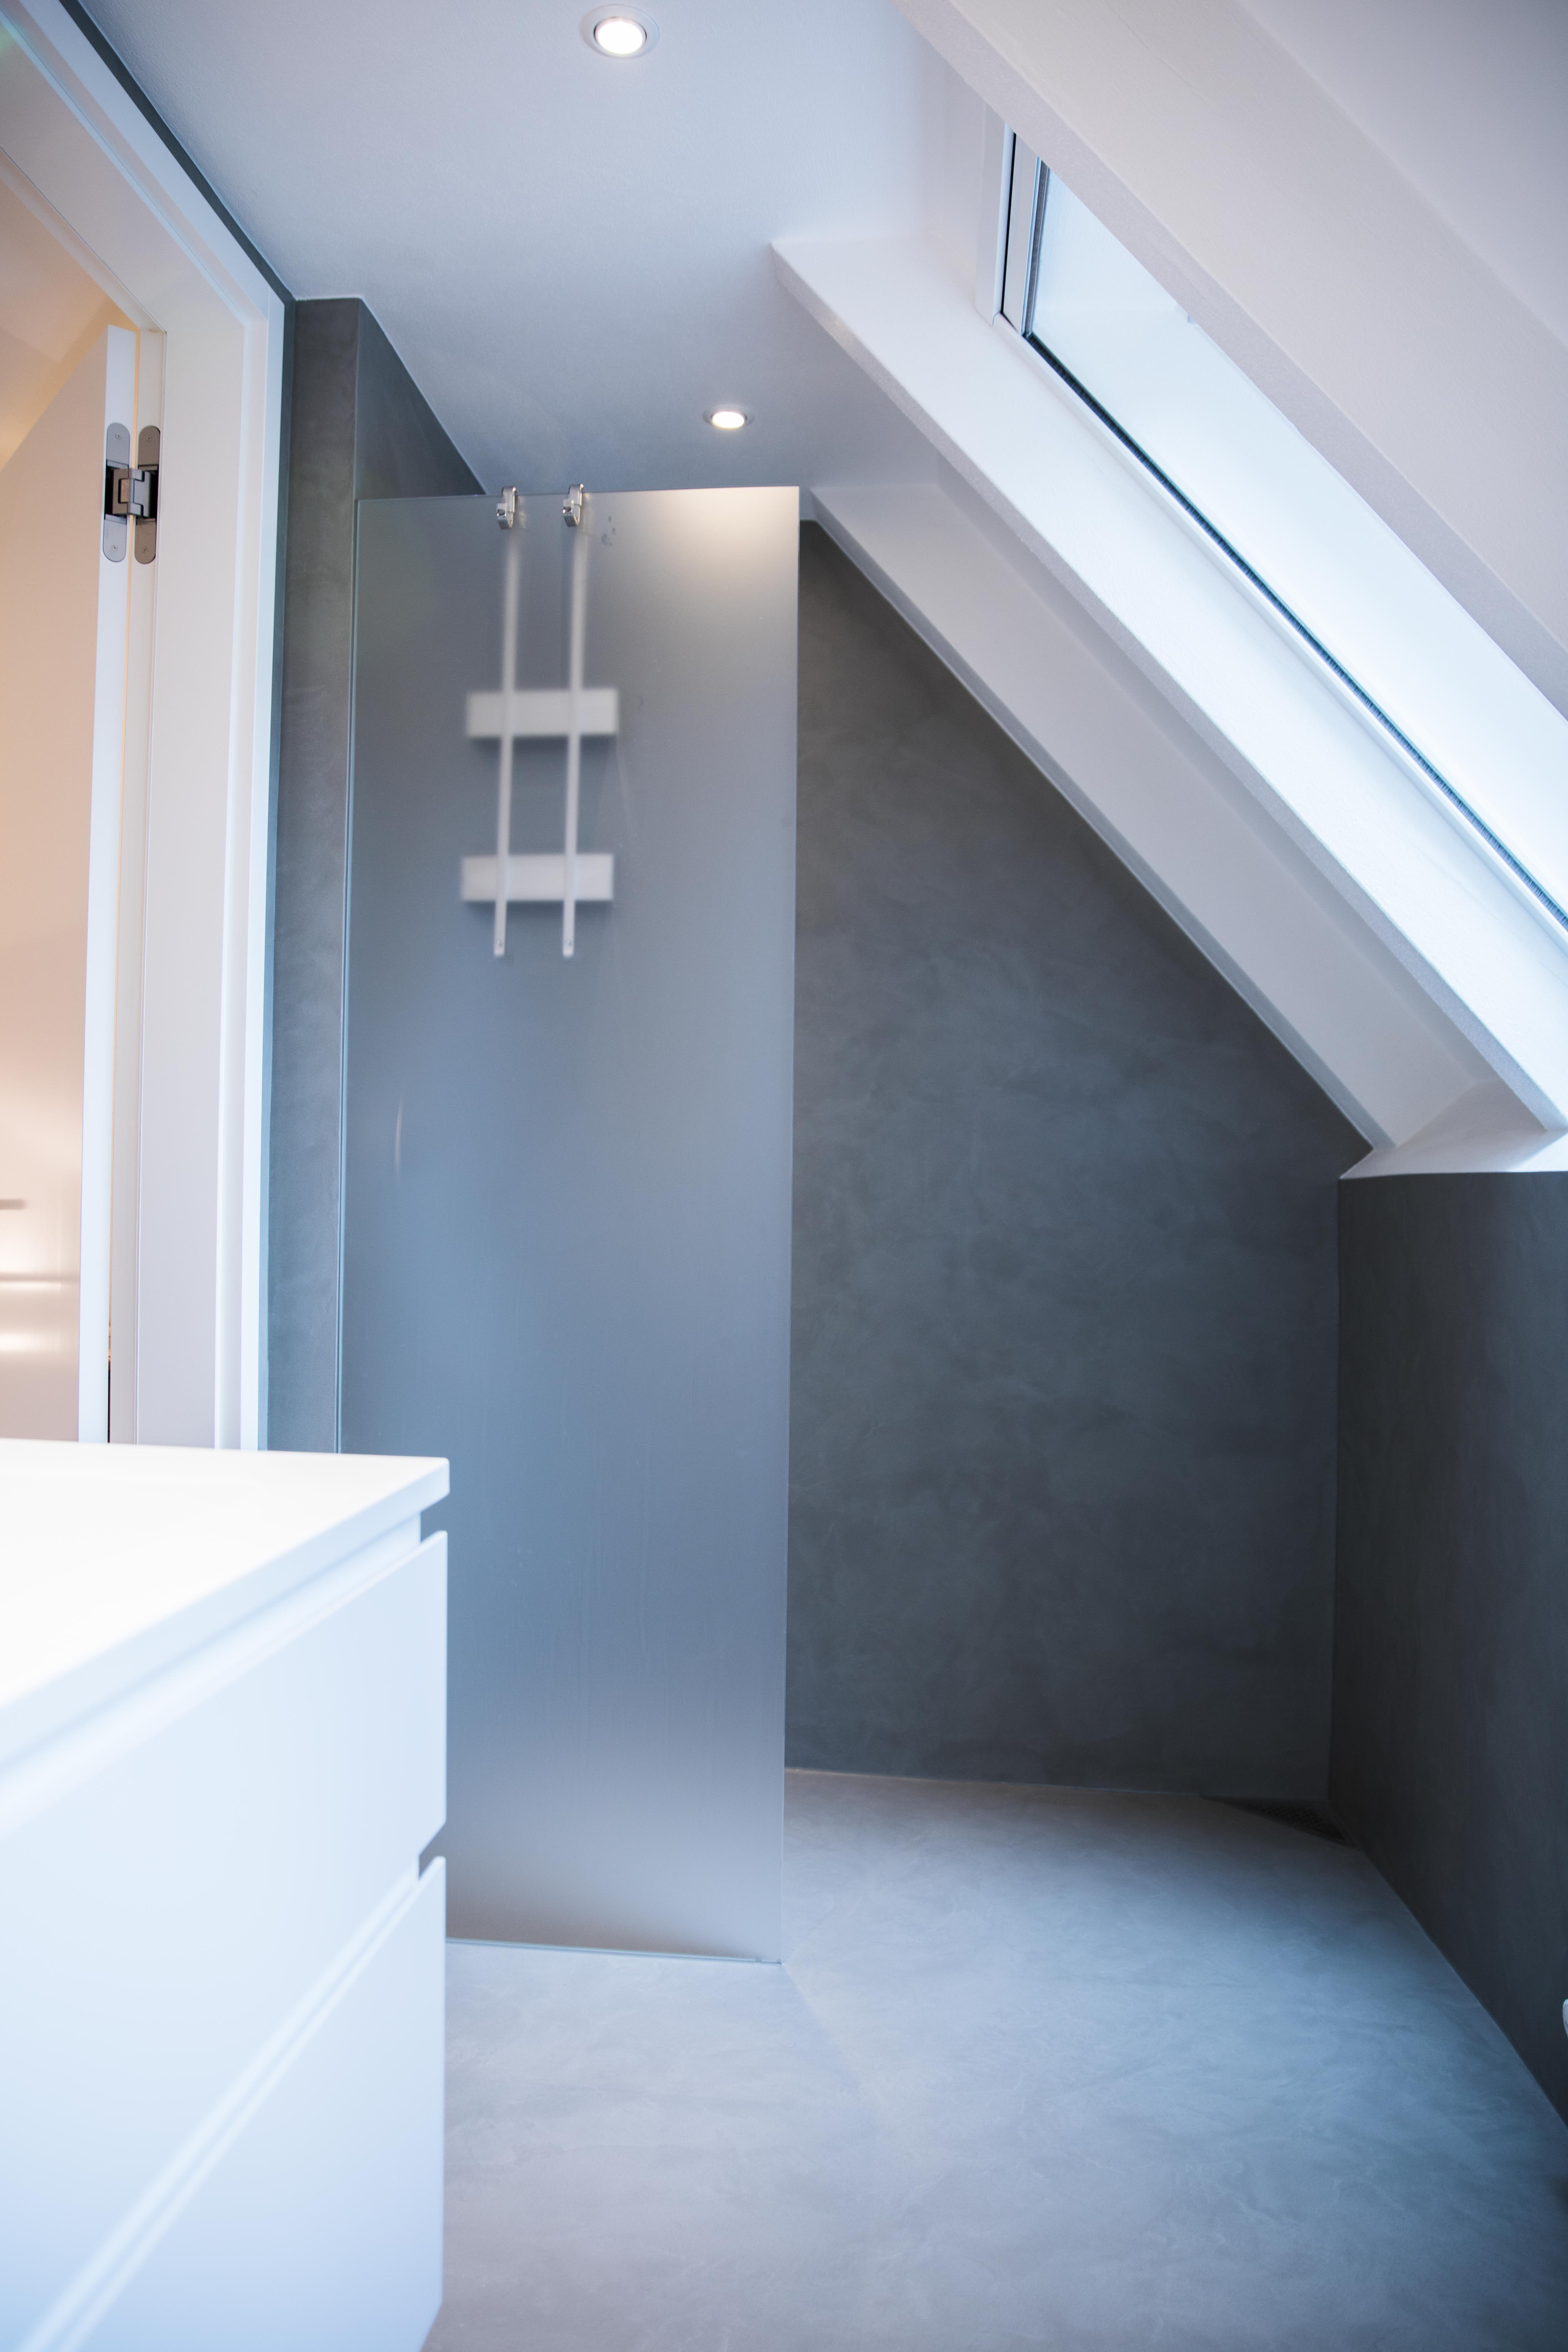 Pandomo Wall Singhammer Bodensysteme Badezimmer Ohne Fliesen Und Fugen Badezimmer Umbau Badezimmer Badezimmer Fliesen